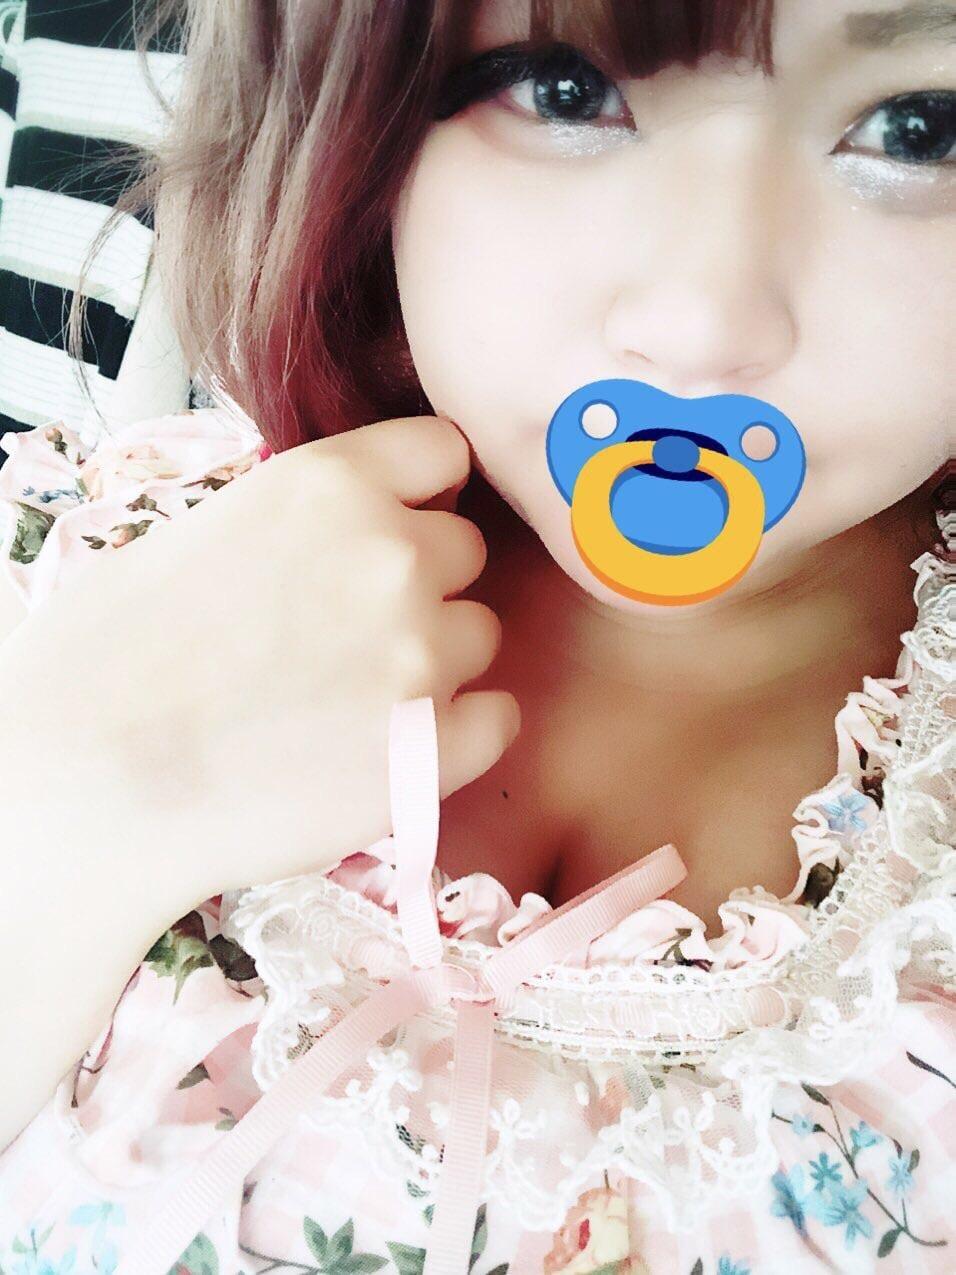 「きょーもまってるよ」06/23(土) 20:09 | 業界初登場♥️美乃里姫ちゃんの写メ・風俗動画